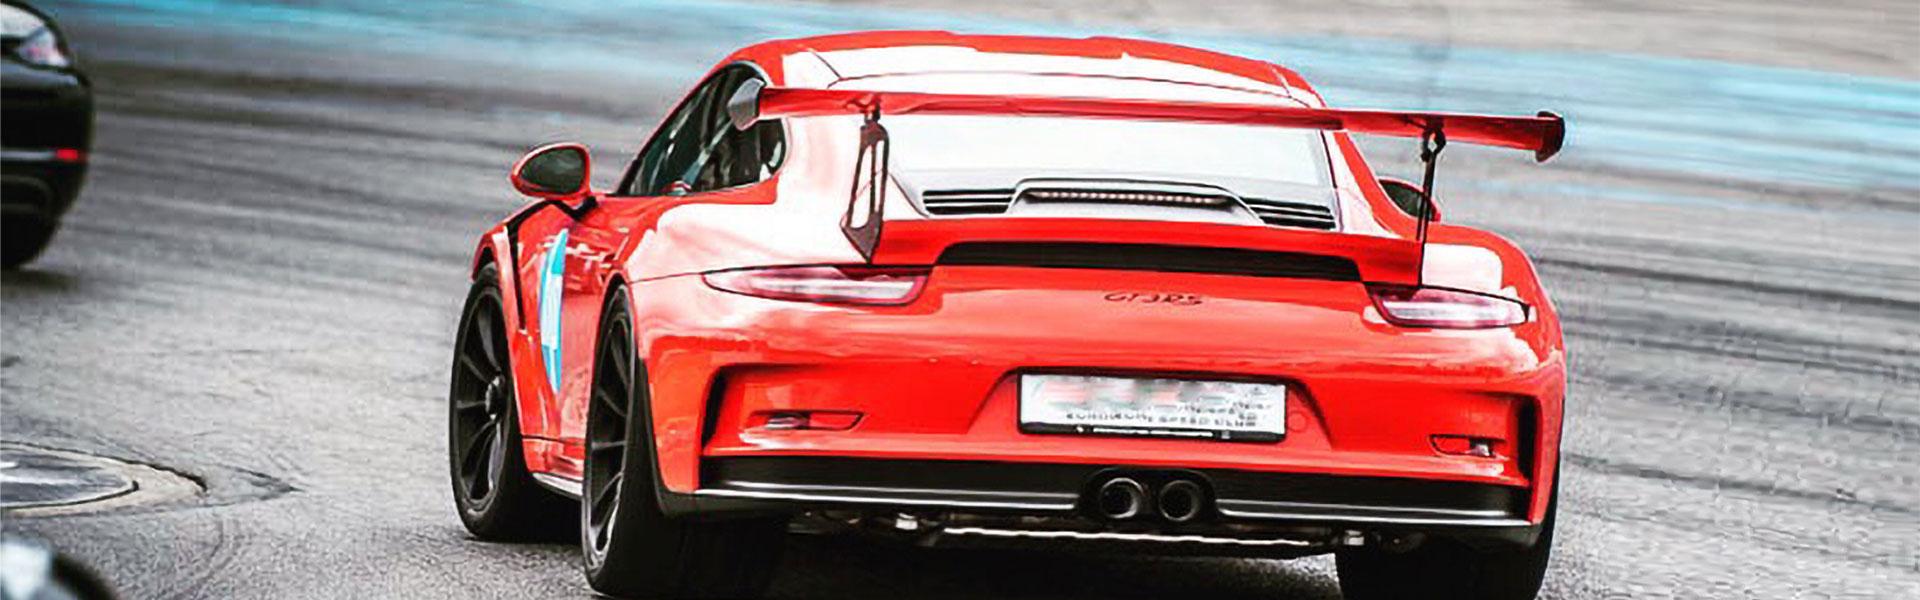 GT3-Fahrertraining-Porsche-991-GT3-RS